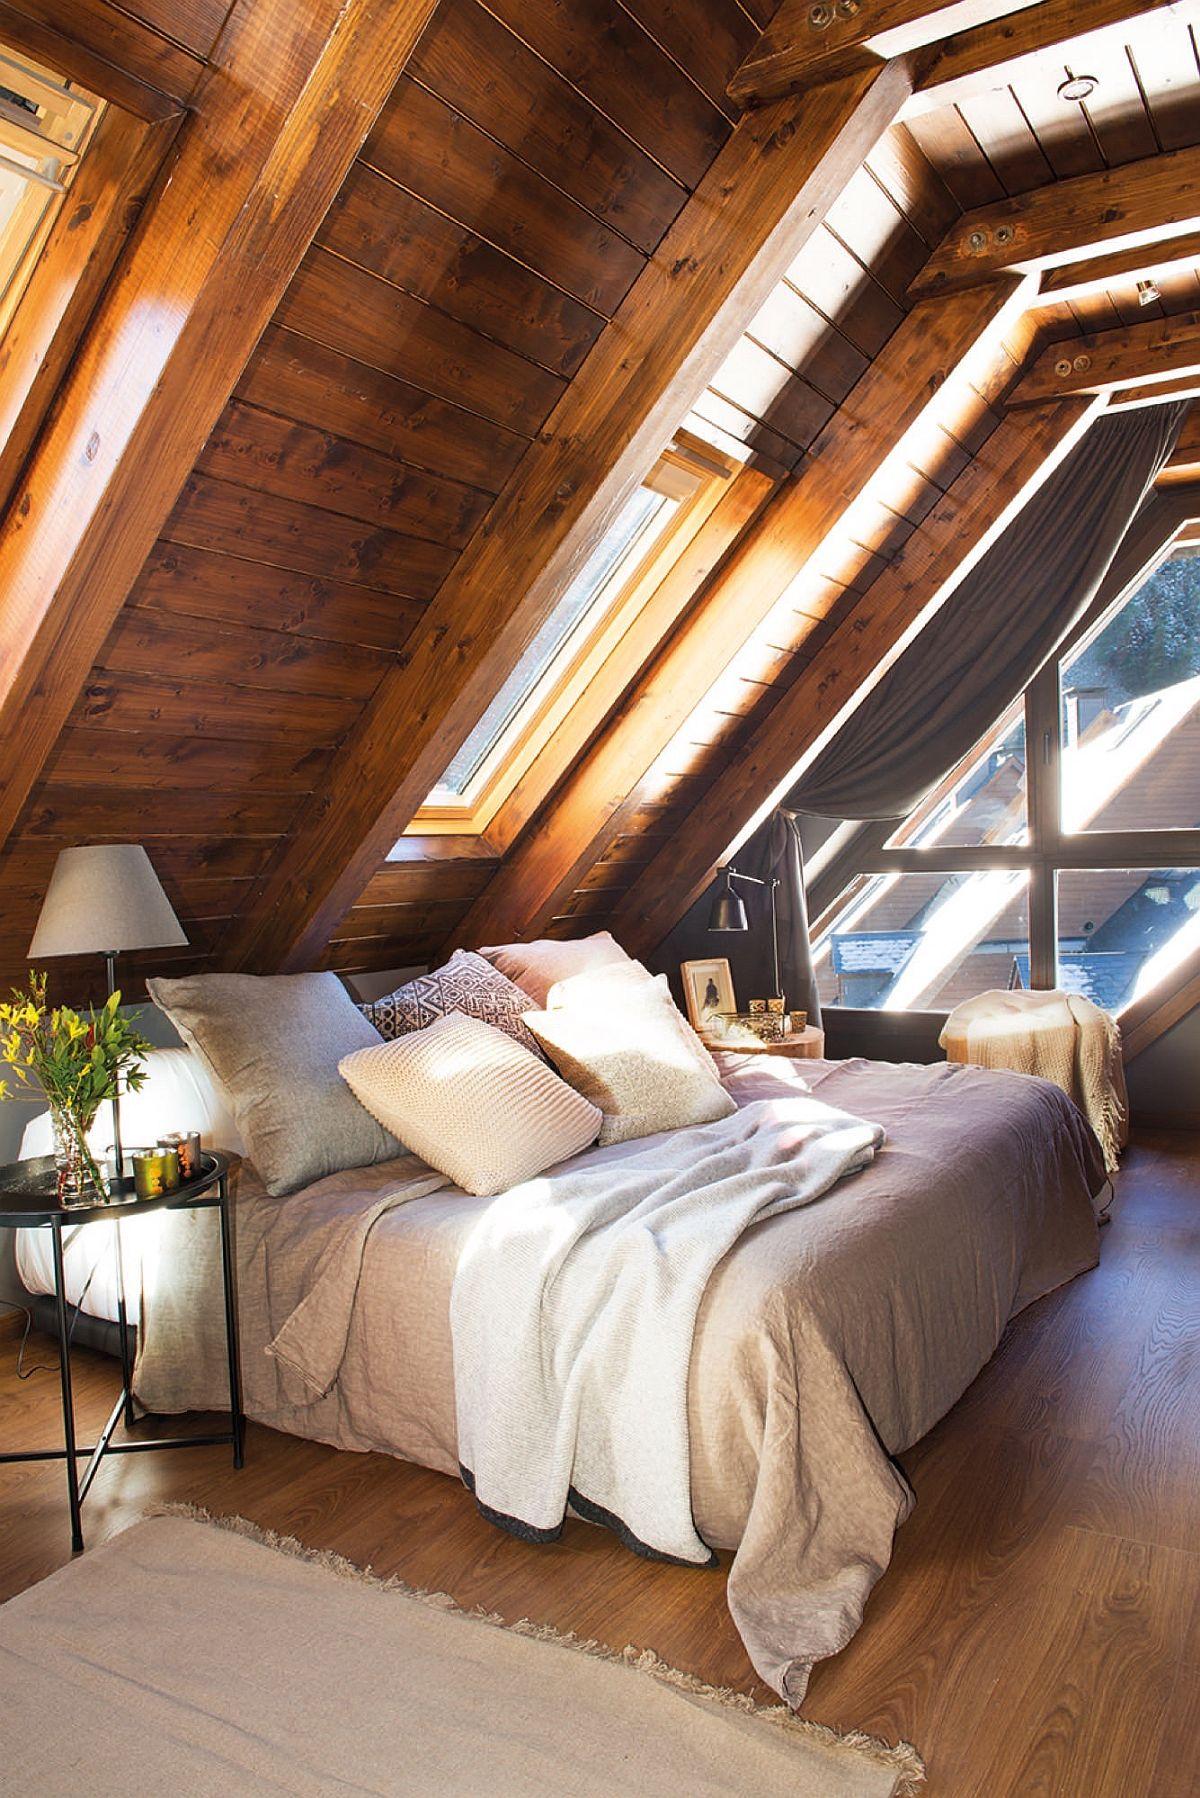 Frumusețea lemnului nu constă doar în textura sau culoarea lui, ci și prin faptul că percepția asupra acestui material se schimbă odată cu lumina naturală. În fiecare moment al zilei poate apărea diferit tocmai pentru că și razele soarelui ori intensitatea luminii este diferită.